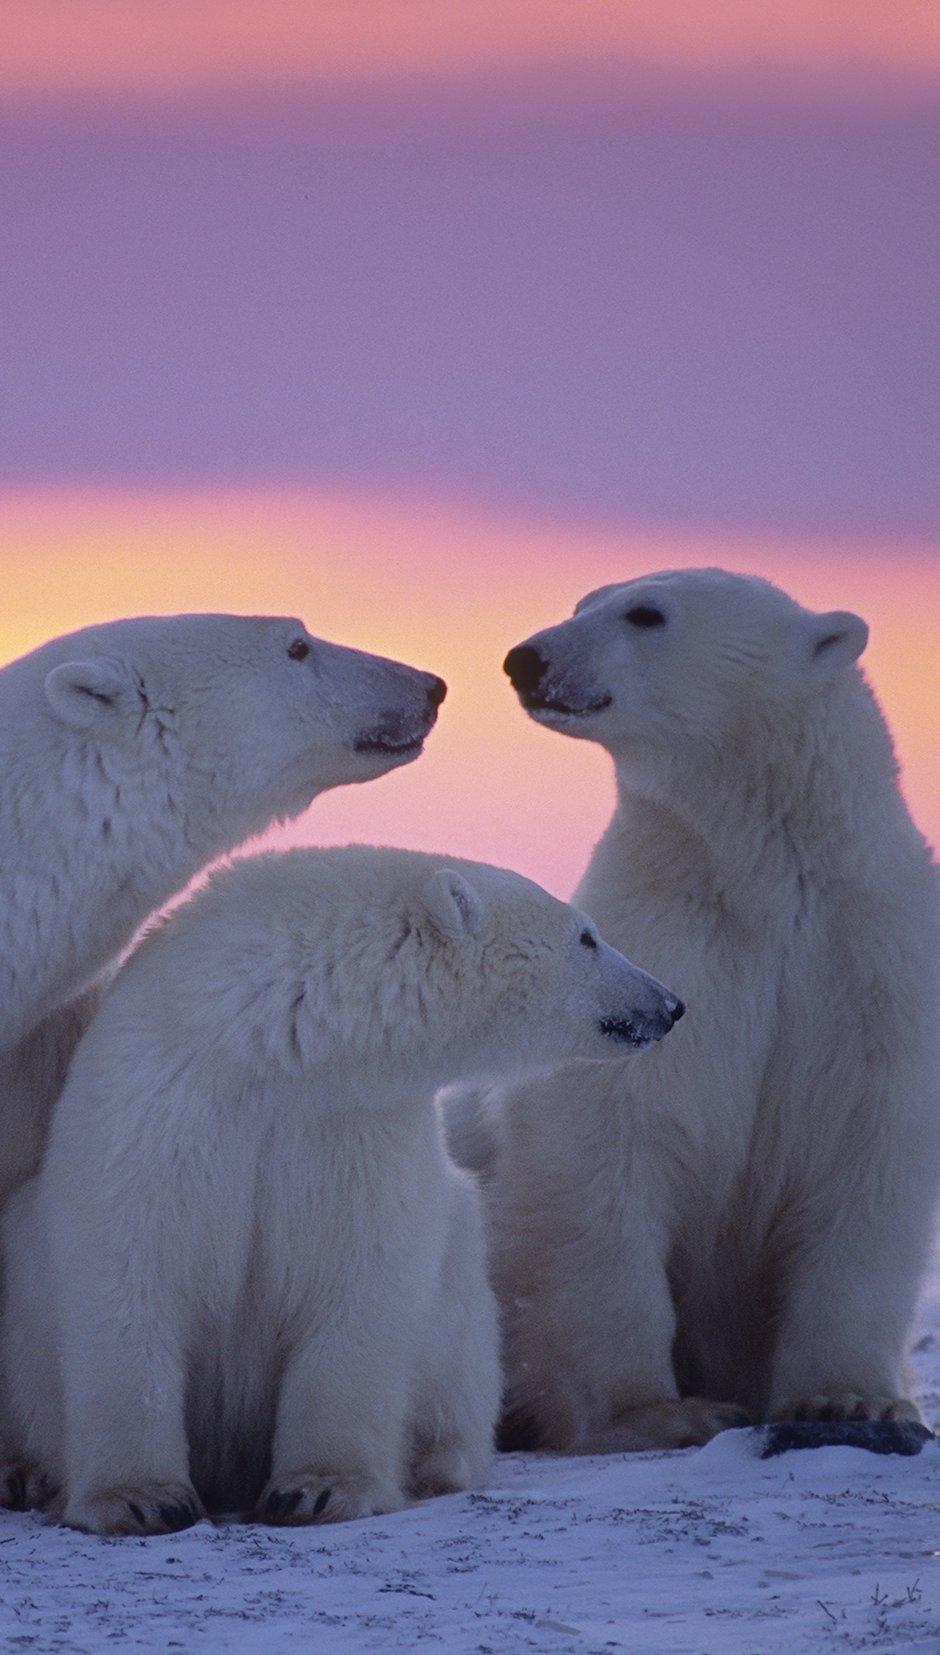 Fondos de pantalla Familia de osos polares Vertical